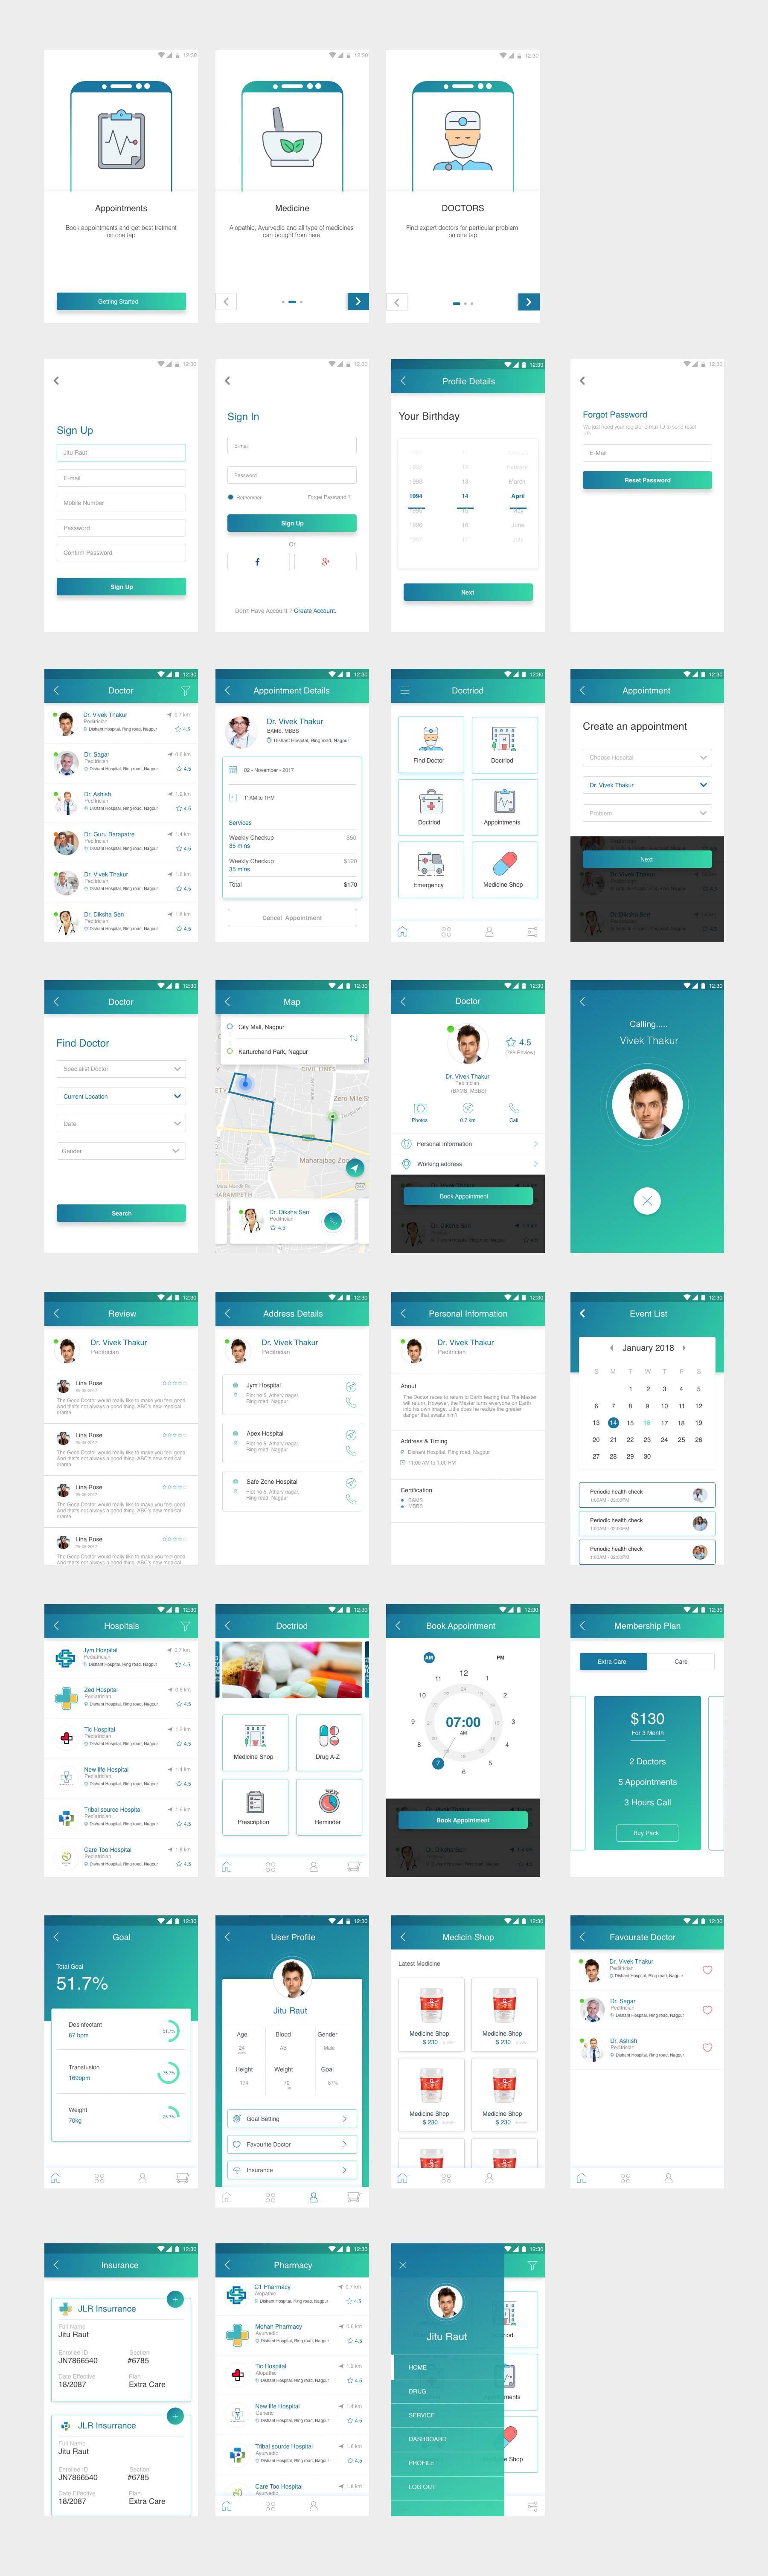 整套医疗app UI设计(32个页面).xd素材下载 界面-第1张